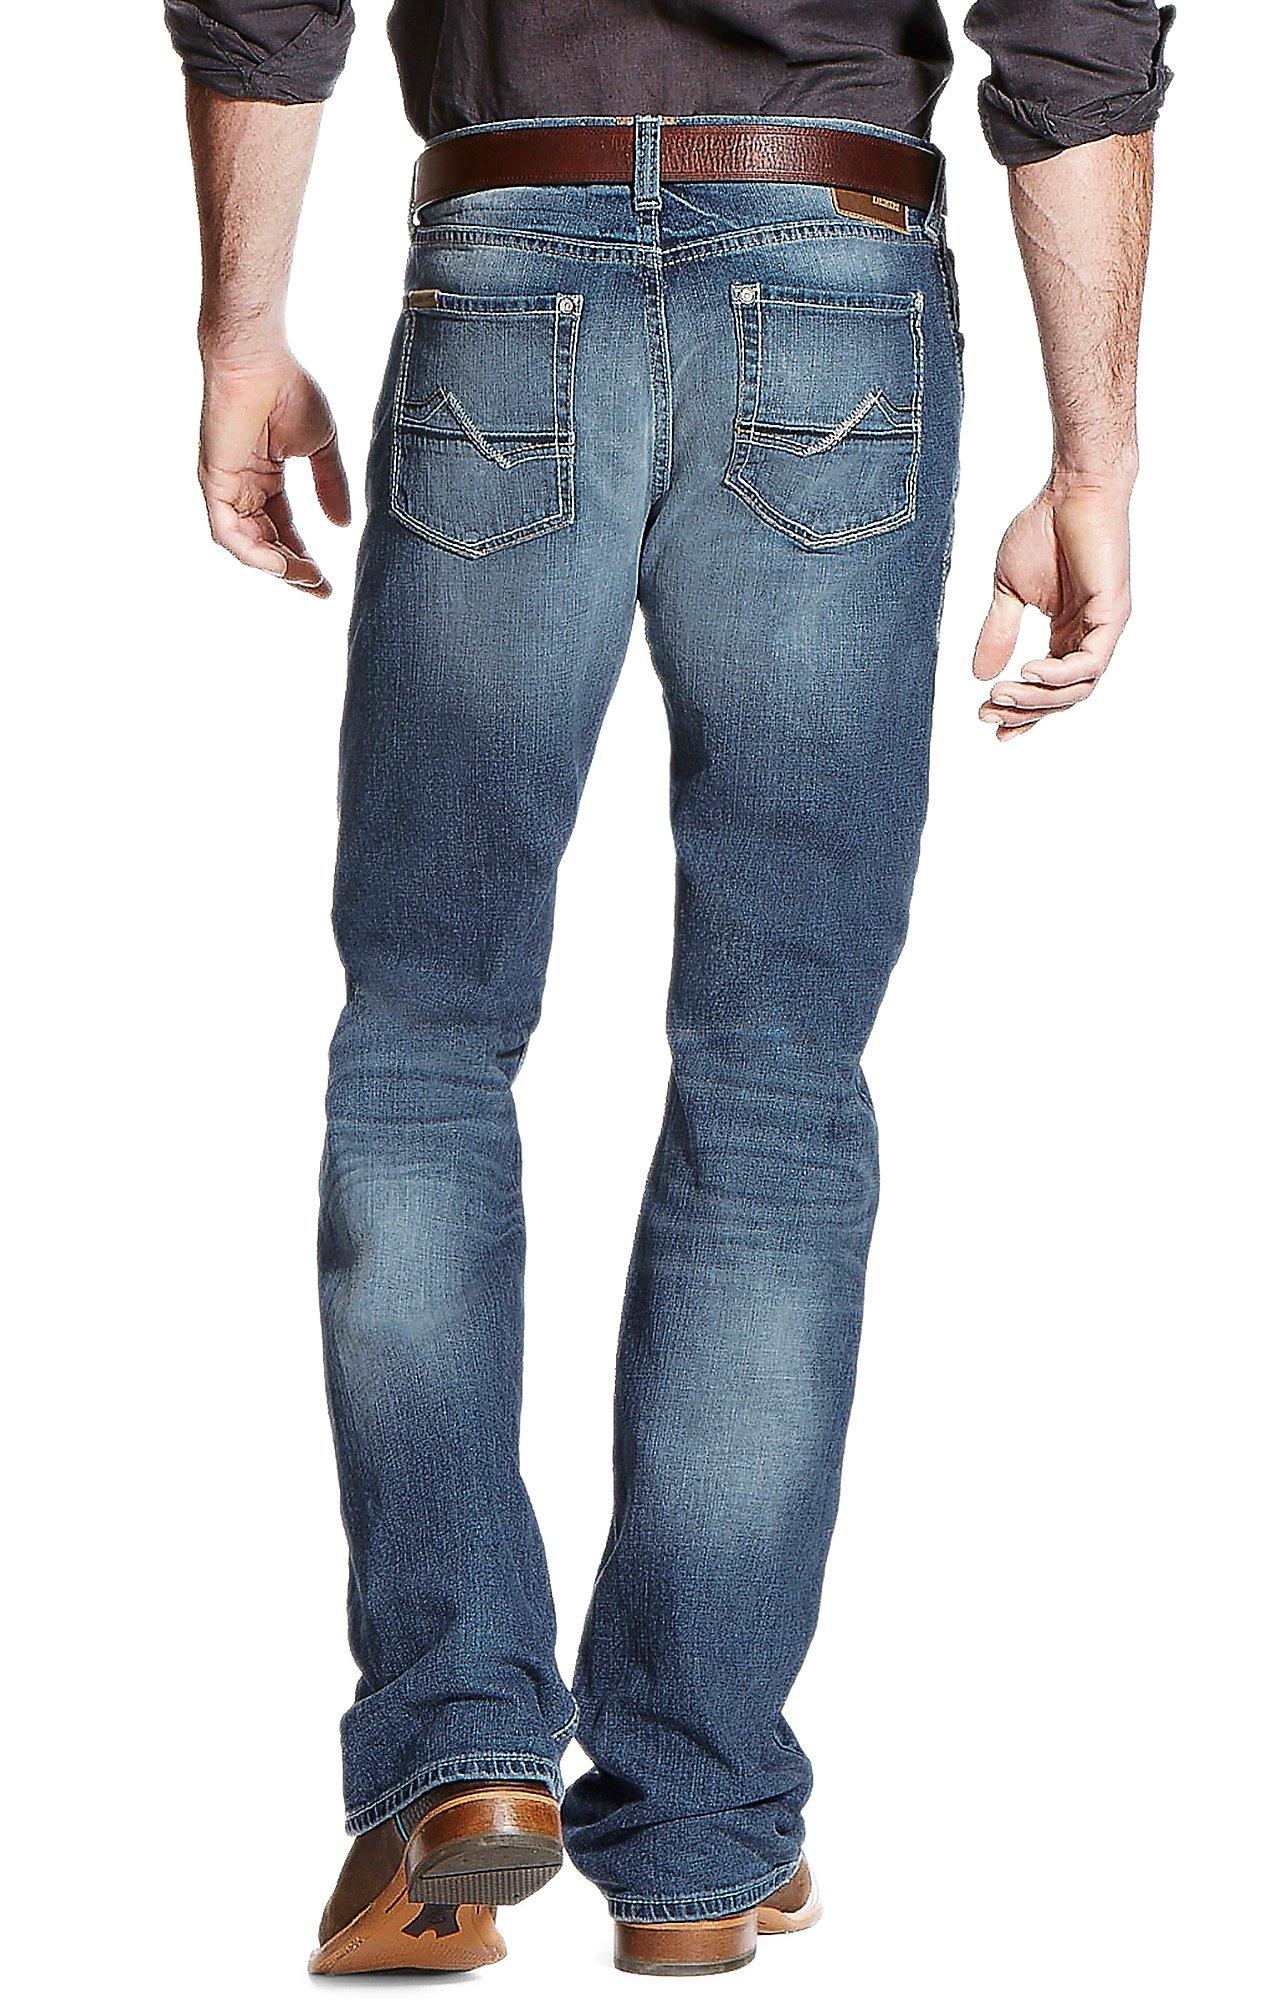 ariat jeans ariat menu0027s medium wash m4 cole fargo stretch boot cut jeans | cavenderu0027s qmjelov